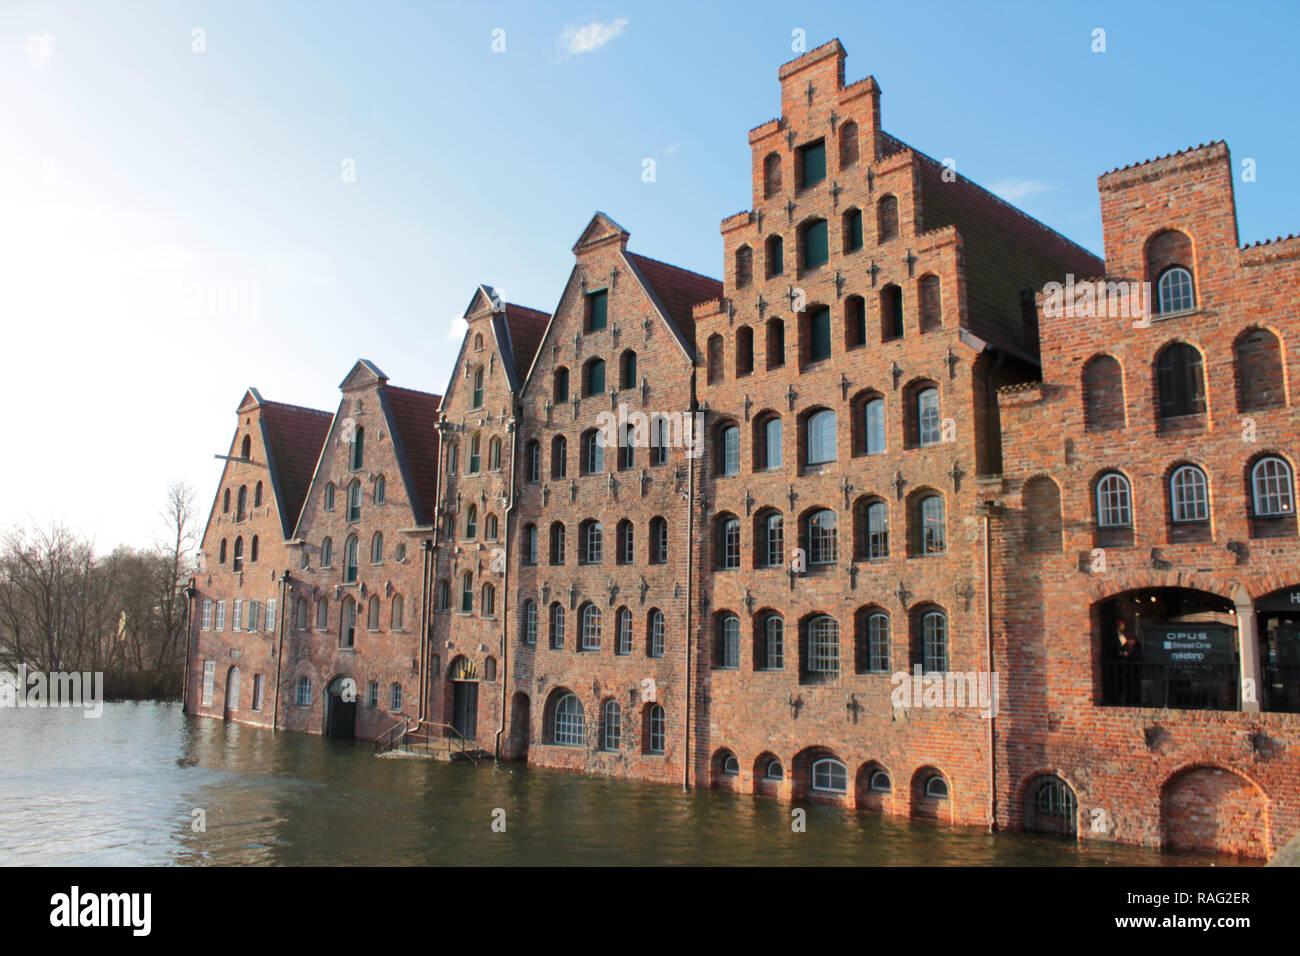 Hochwasser in Lübeck 2.1.19 - Stock Image